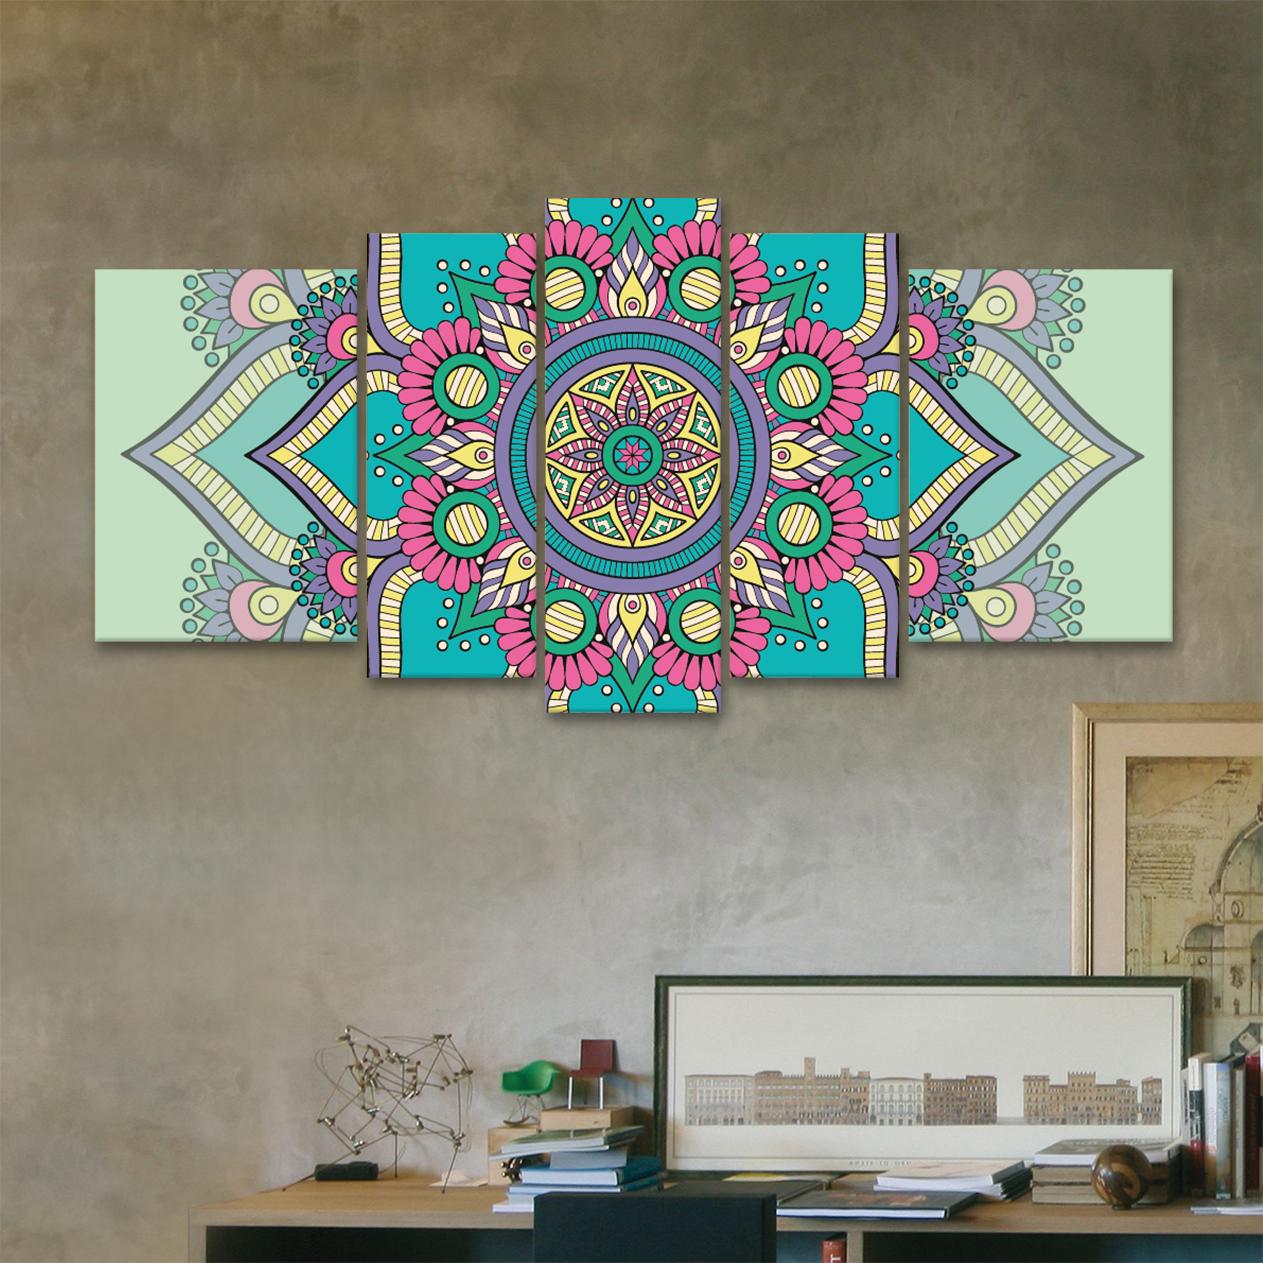 Mandala serenidad xxl 150 cm x 70 cm cuadros decorativos for Donde puedo comprar cuadros decorativos